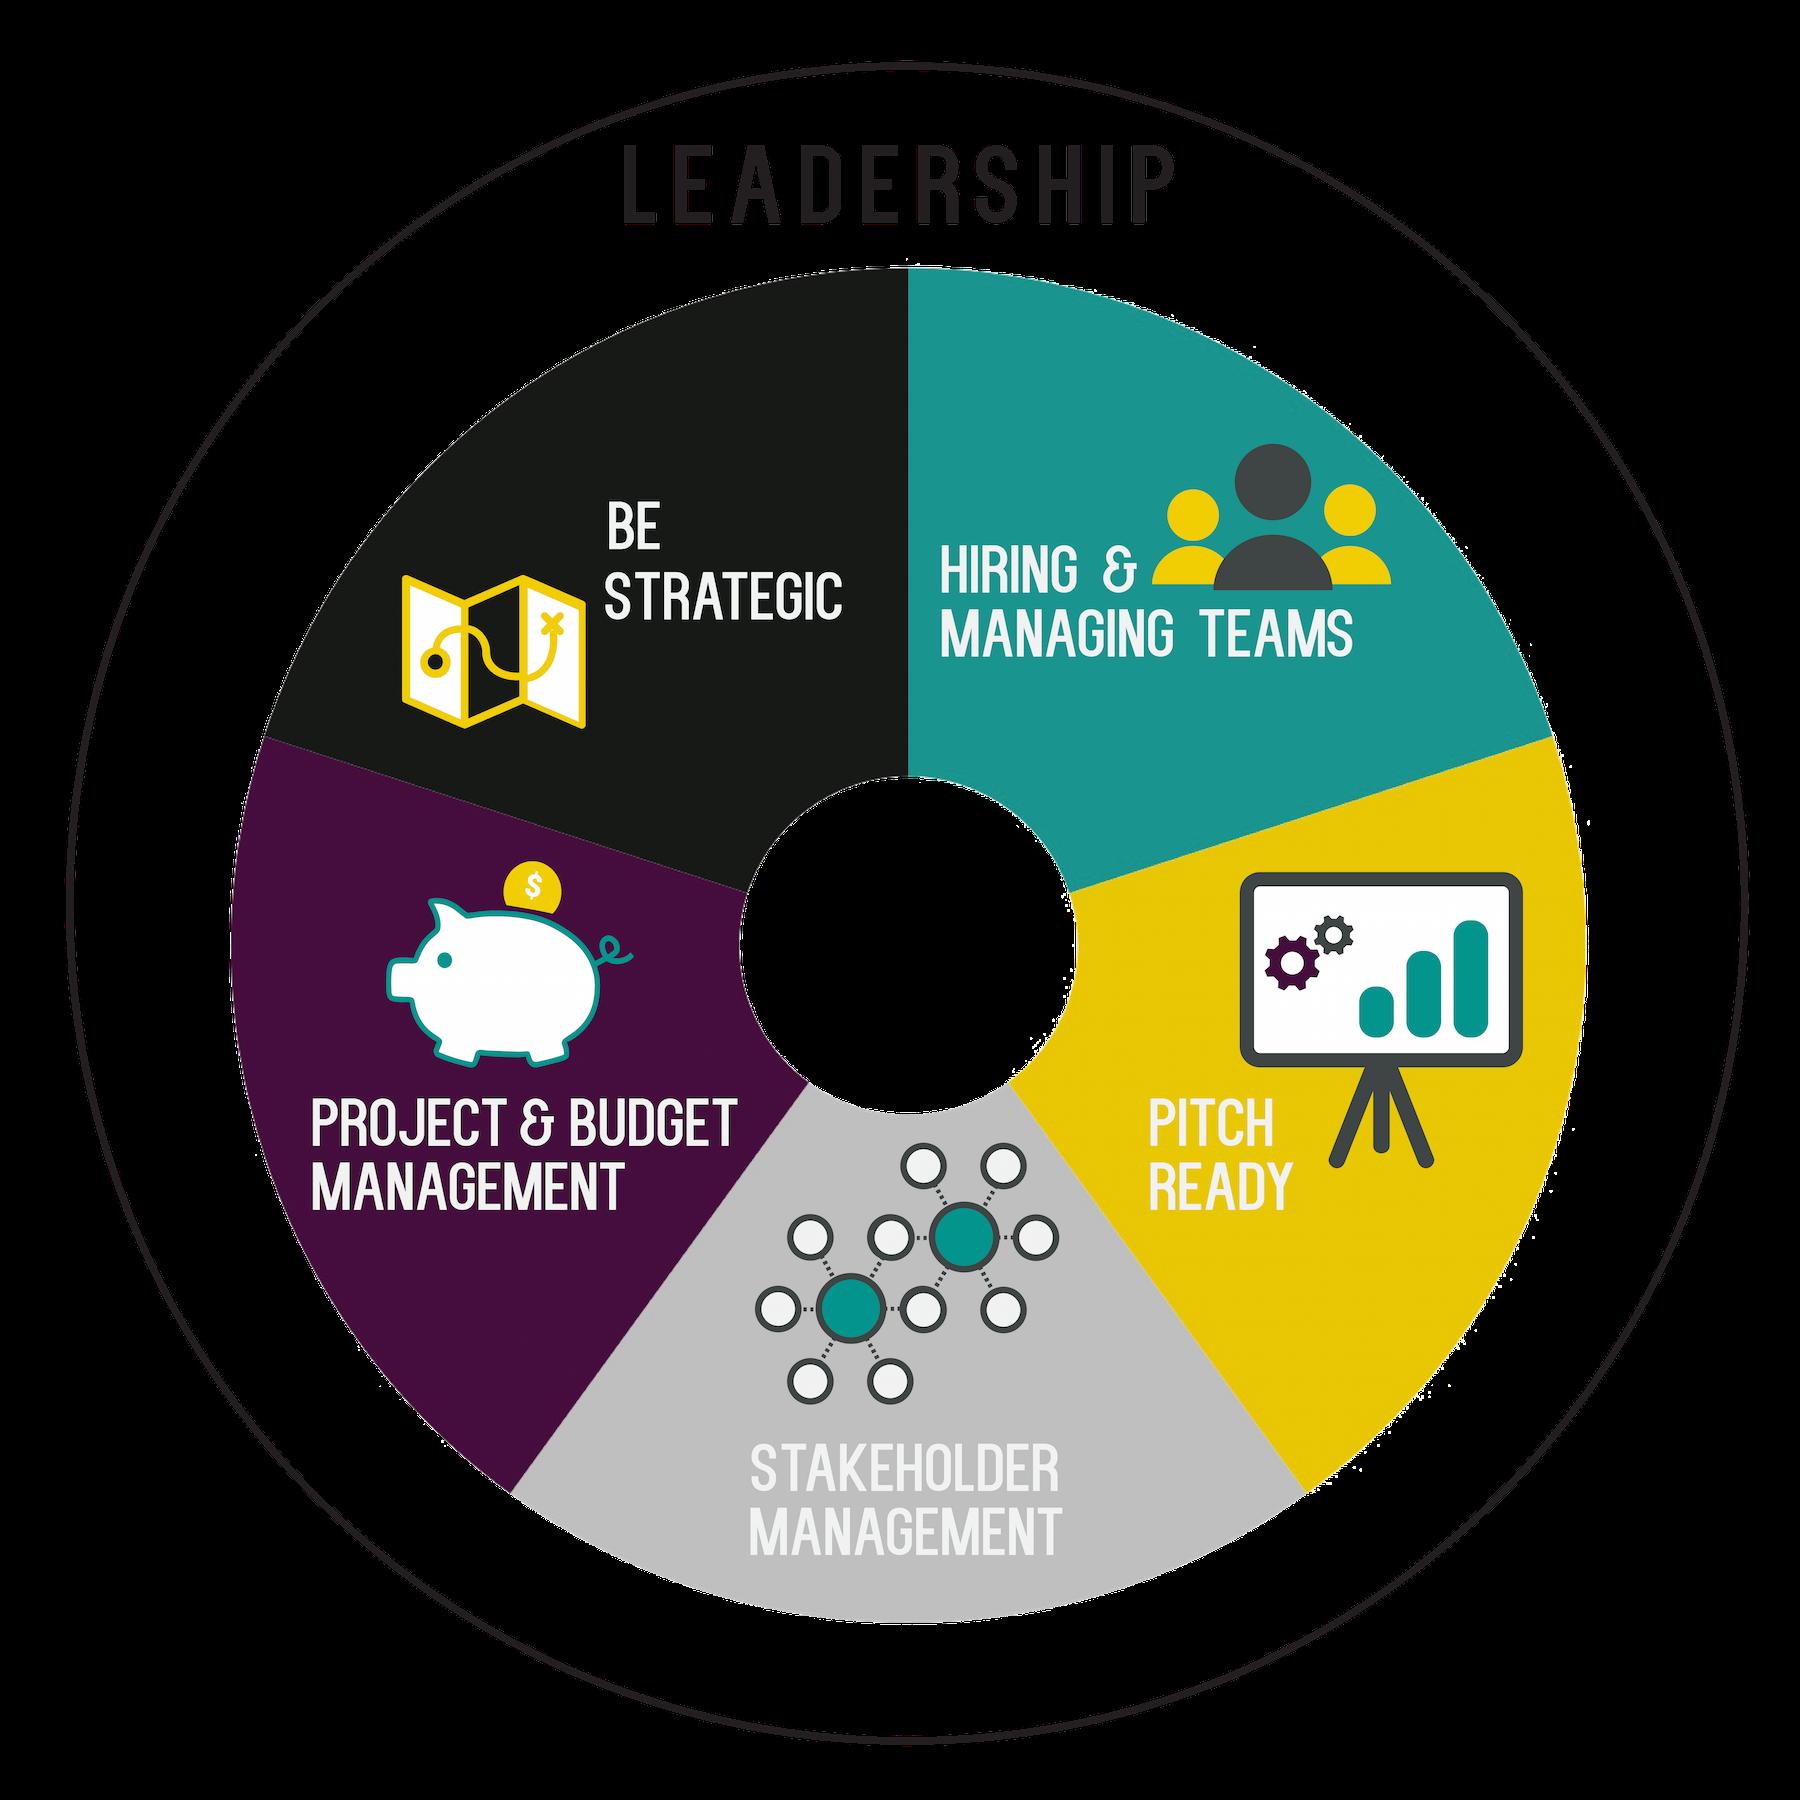 competency2020__wheel_leadership.png